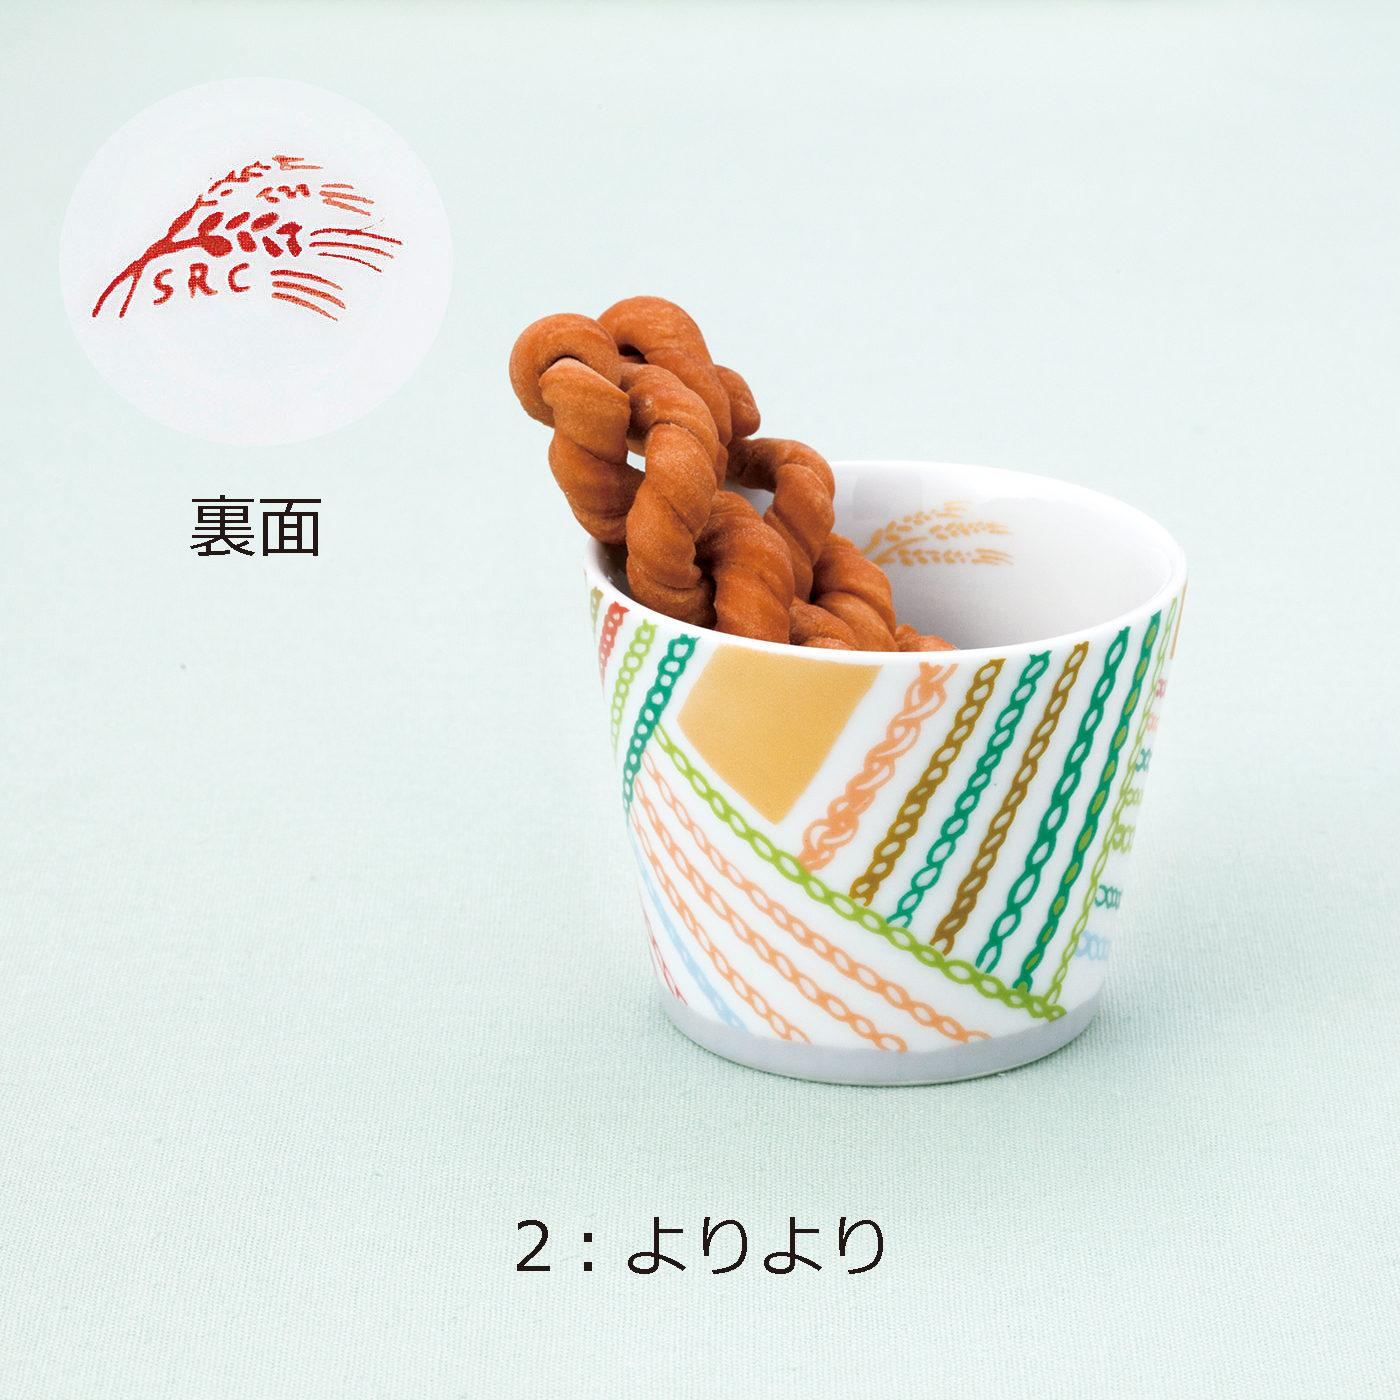 「唐人揚」、「麻花見」(マファール)」とも言われる中華菓子。中国では麻の花や麻紐に似ていることから、「麻花」の名で親しまれています。